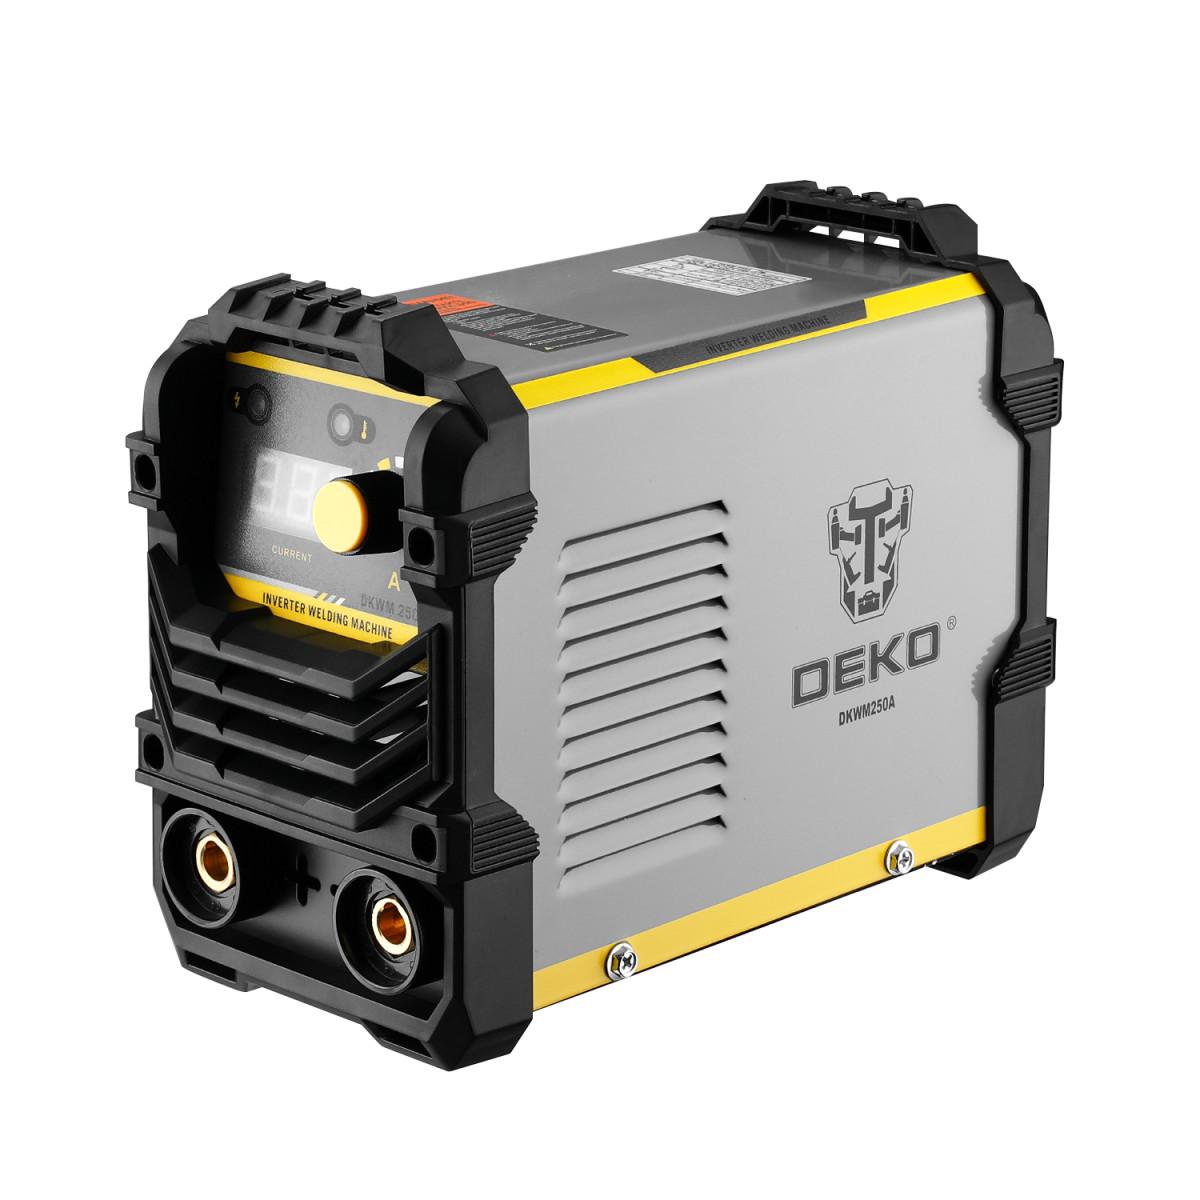 Дуговой сварочный инвертор DEKO DKWM250A 250 А до 5 мм 051-4674